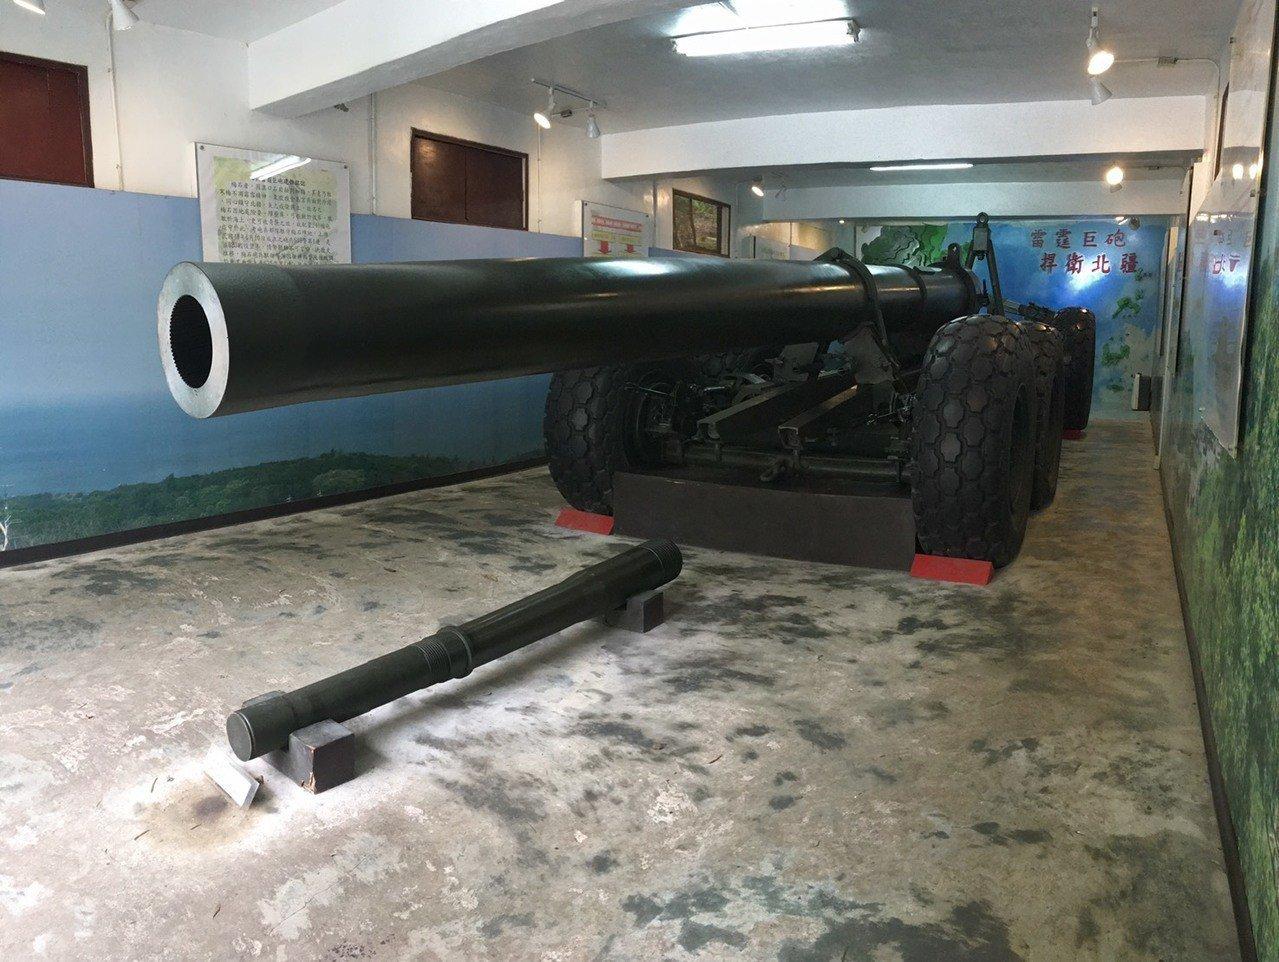 大砲連館內還有陳設備用砲管。記者吳姿賢/攝影